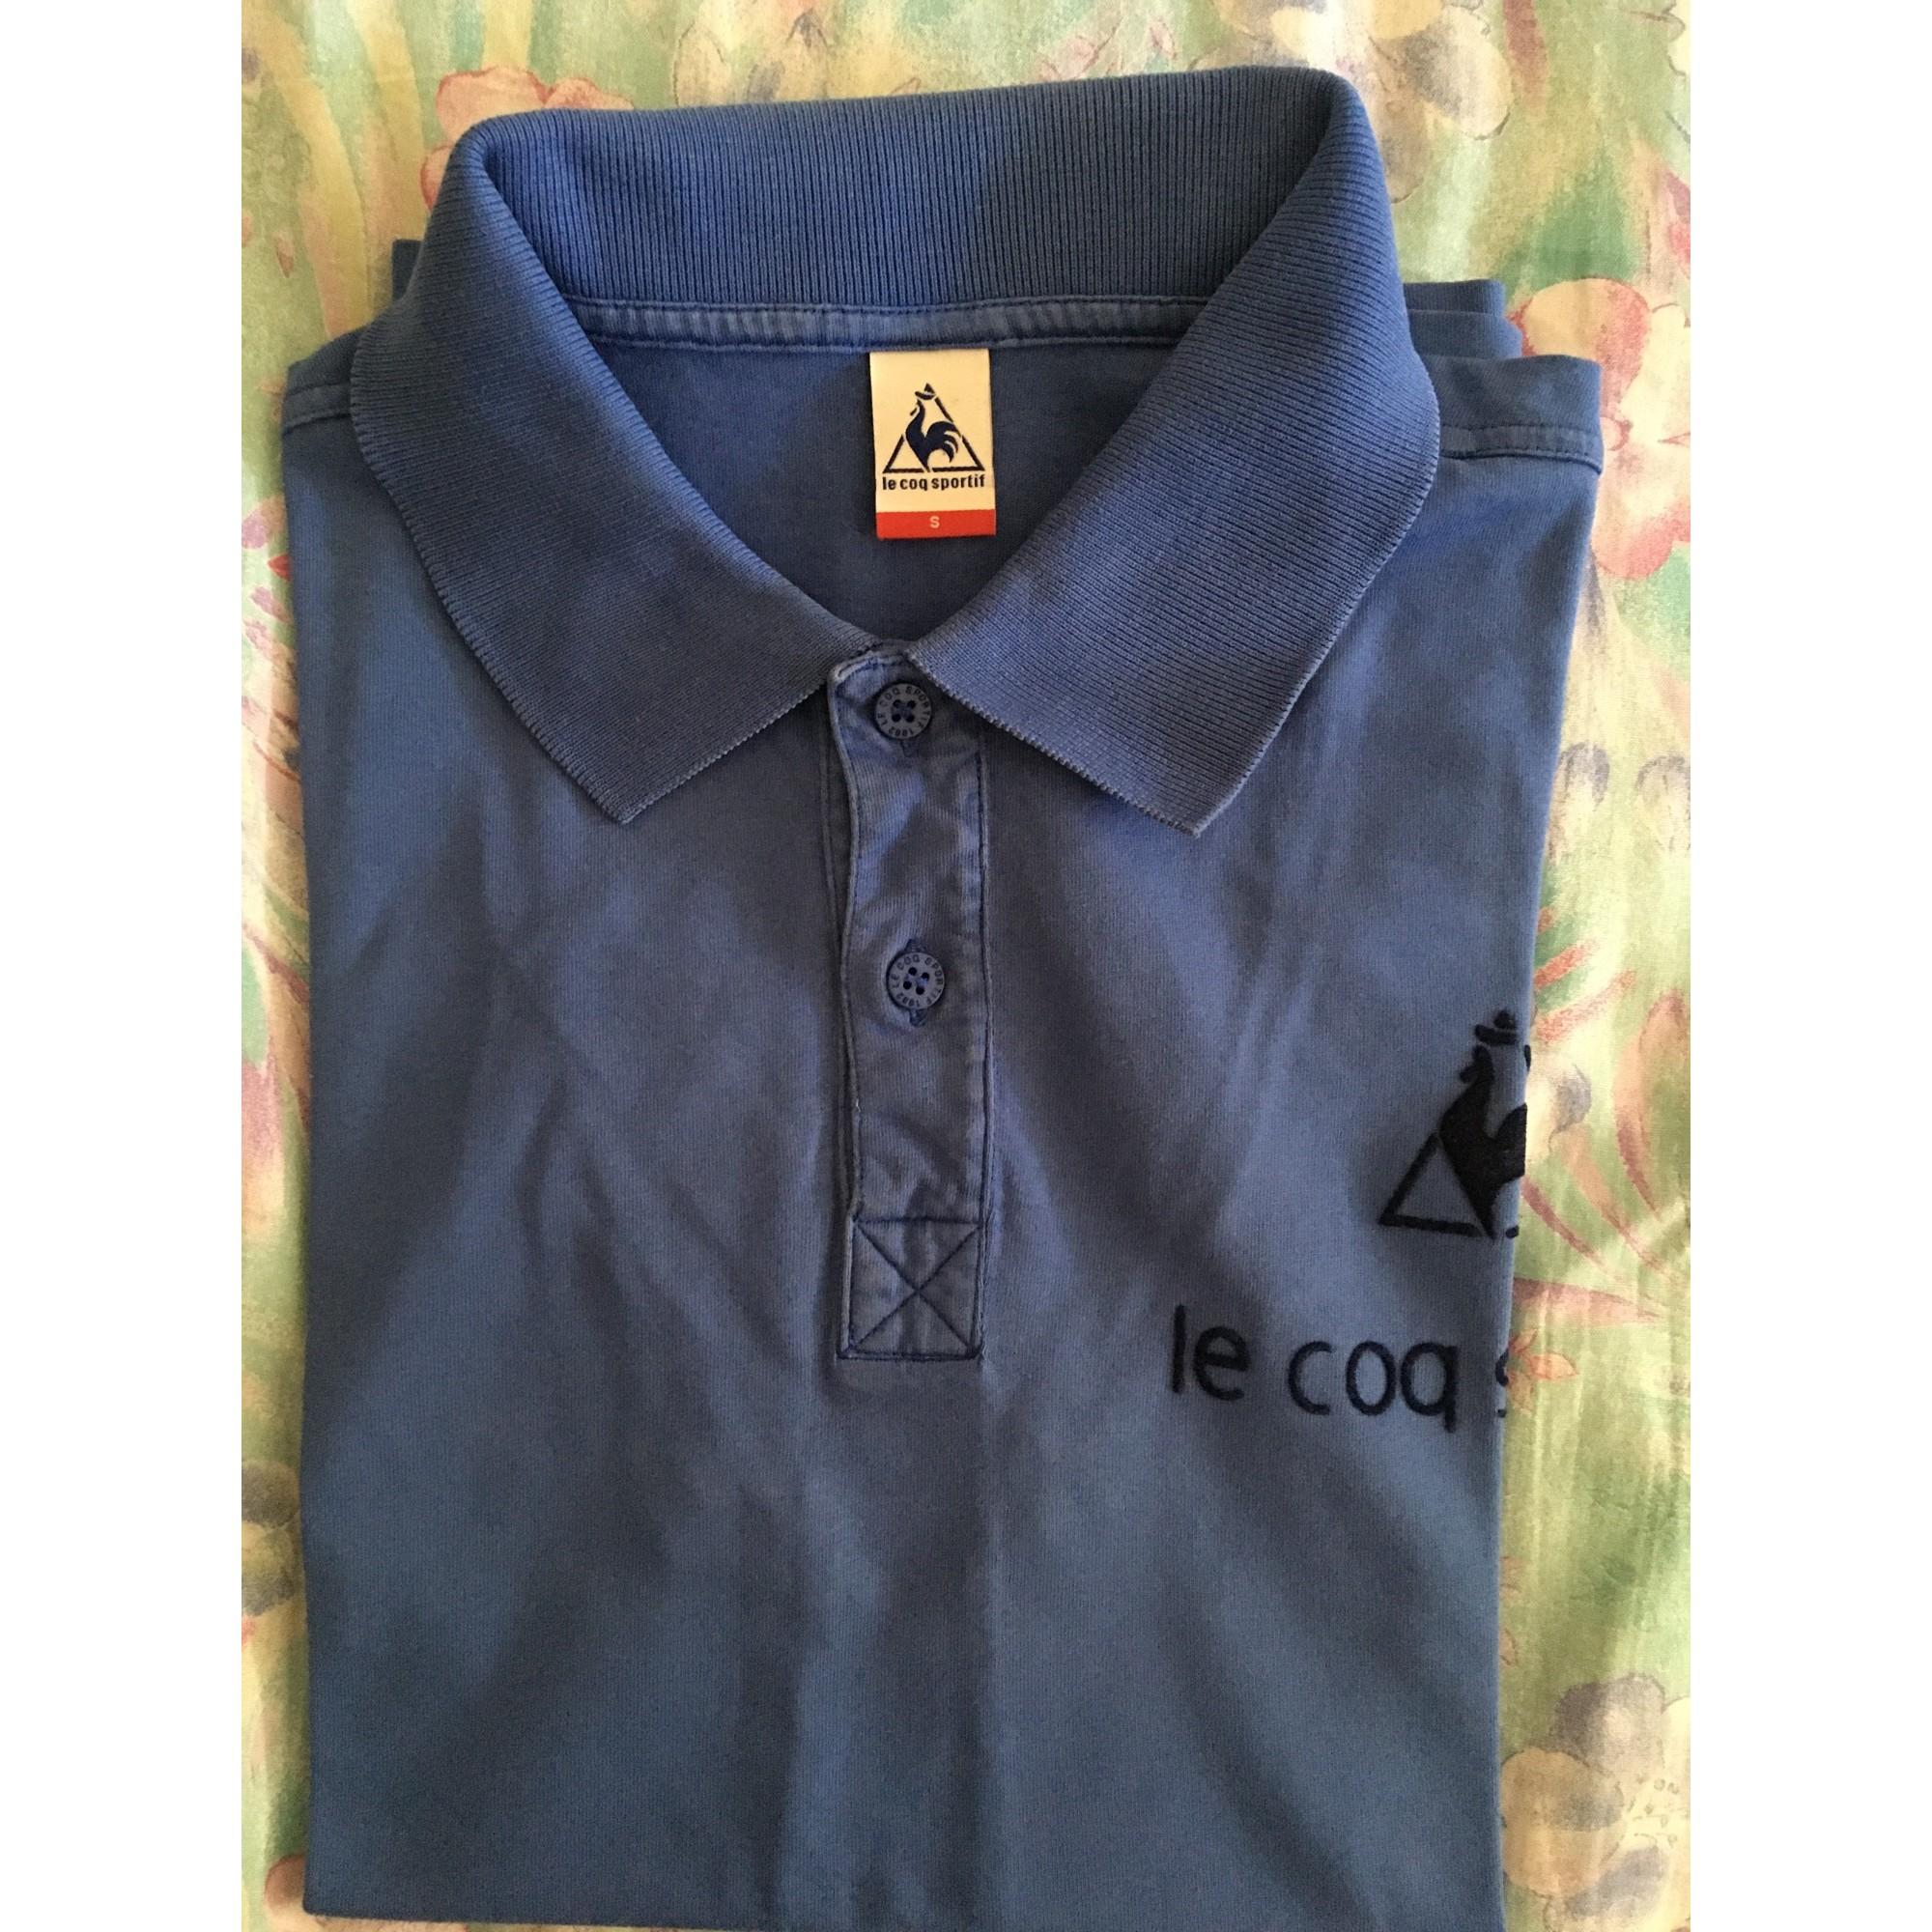 Polo LE COQ SPORTIF Bleu, bleu marine, bleu turquoise